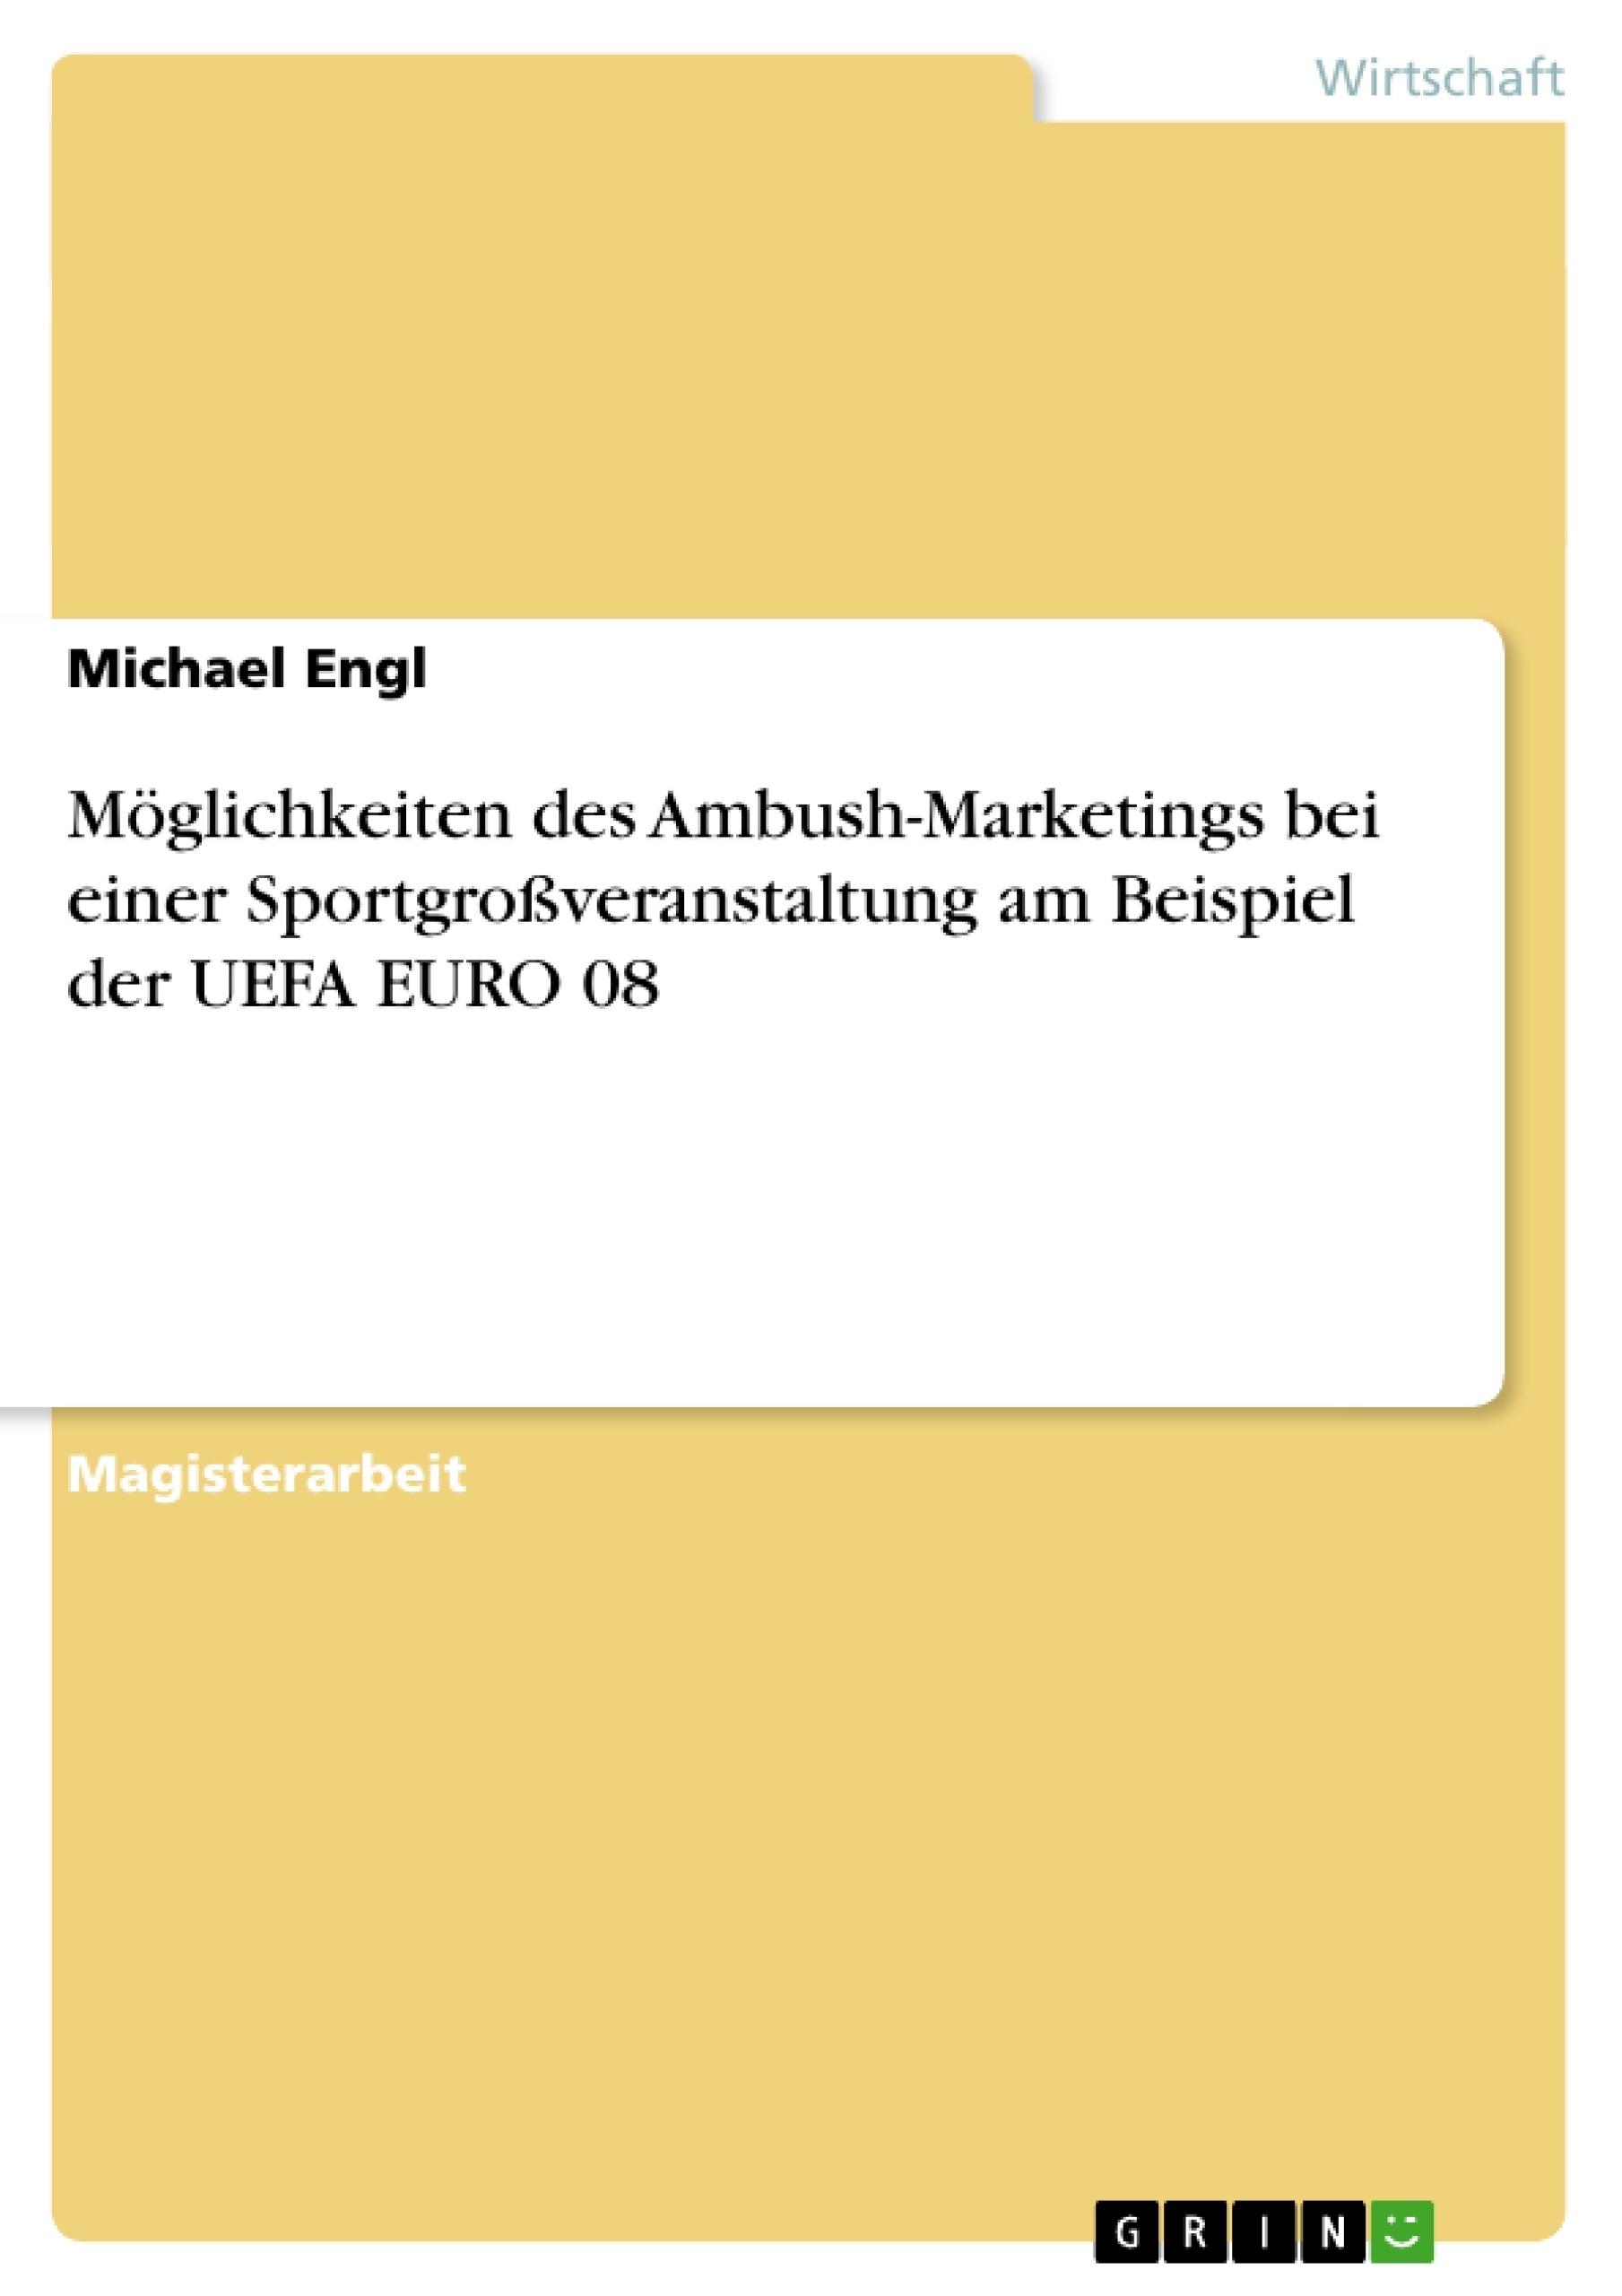 Titel: Möglichkeiten des Ambush-Marketings bei einer Sportgroßveranstaltung am Beispiel der UEFA EURO 08